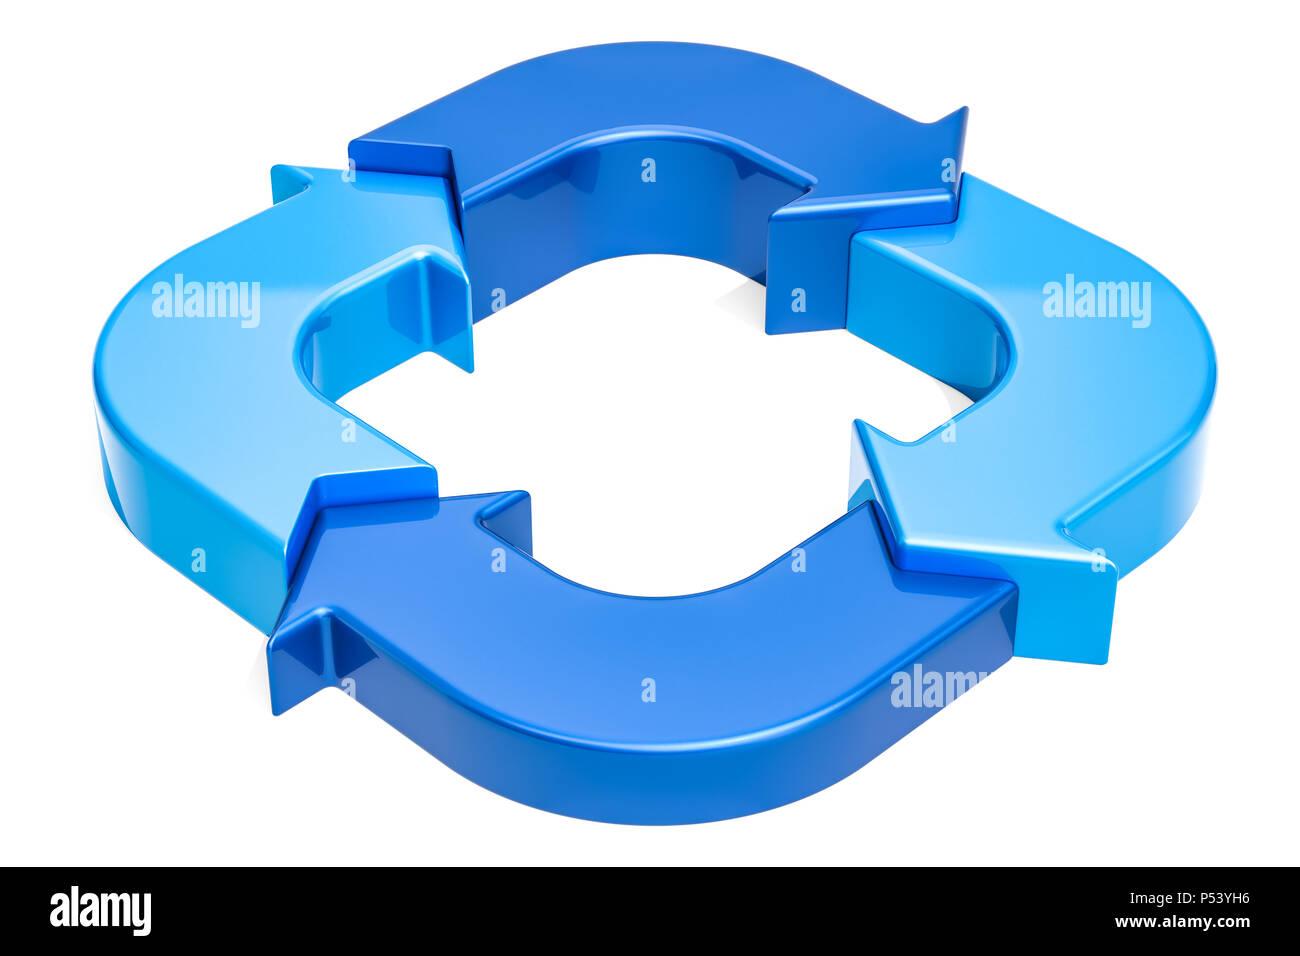 Diagrama De Anillo De Flechas Azules, 3D Rendering Aislado